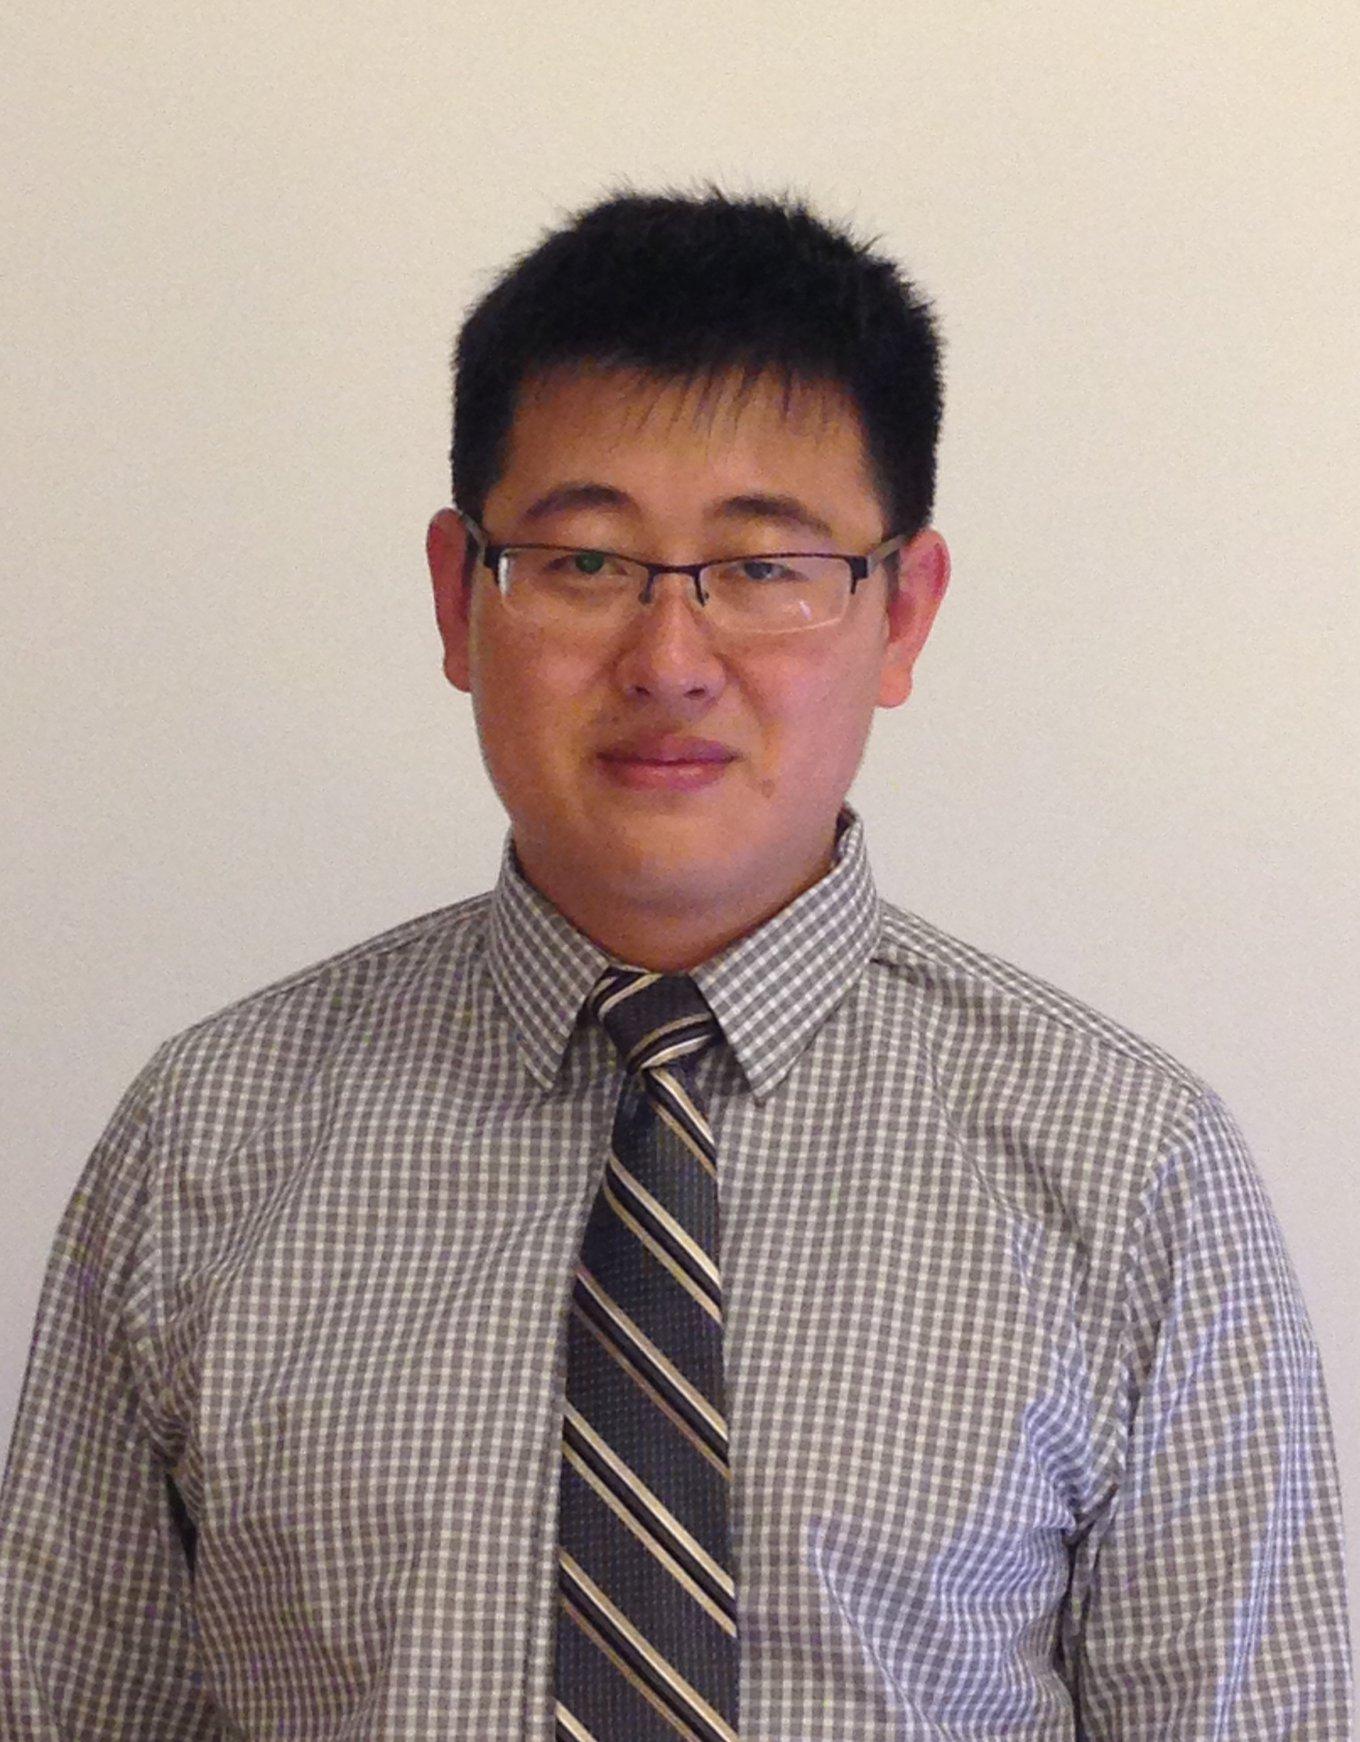 Photo of Jiashi Feng